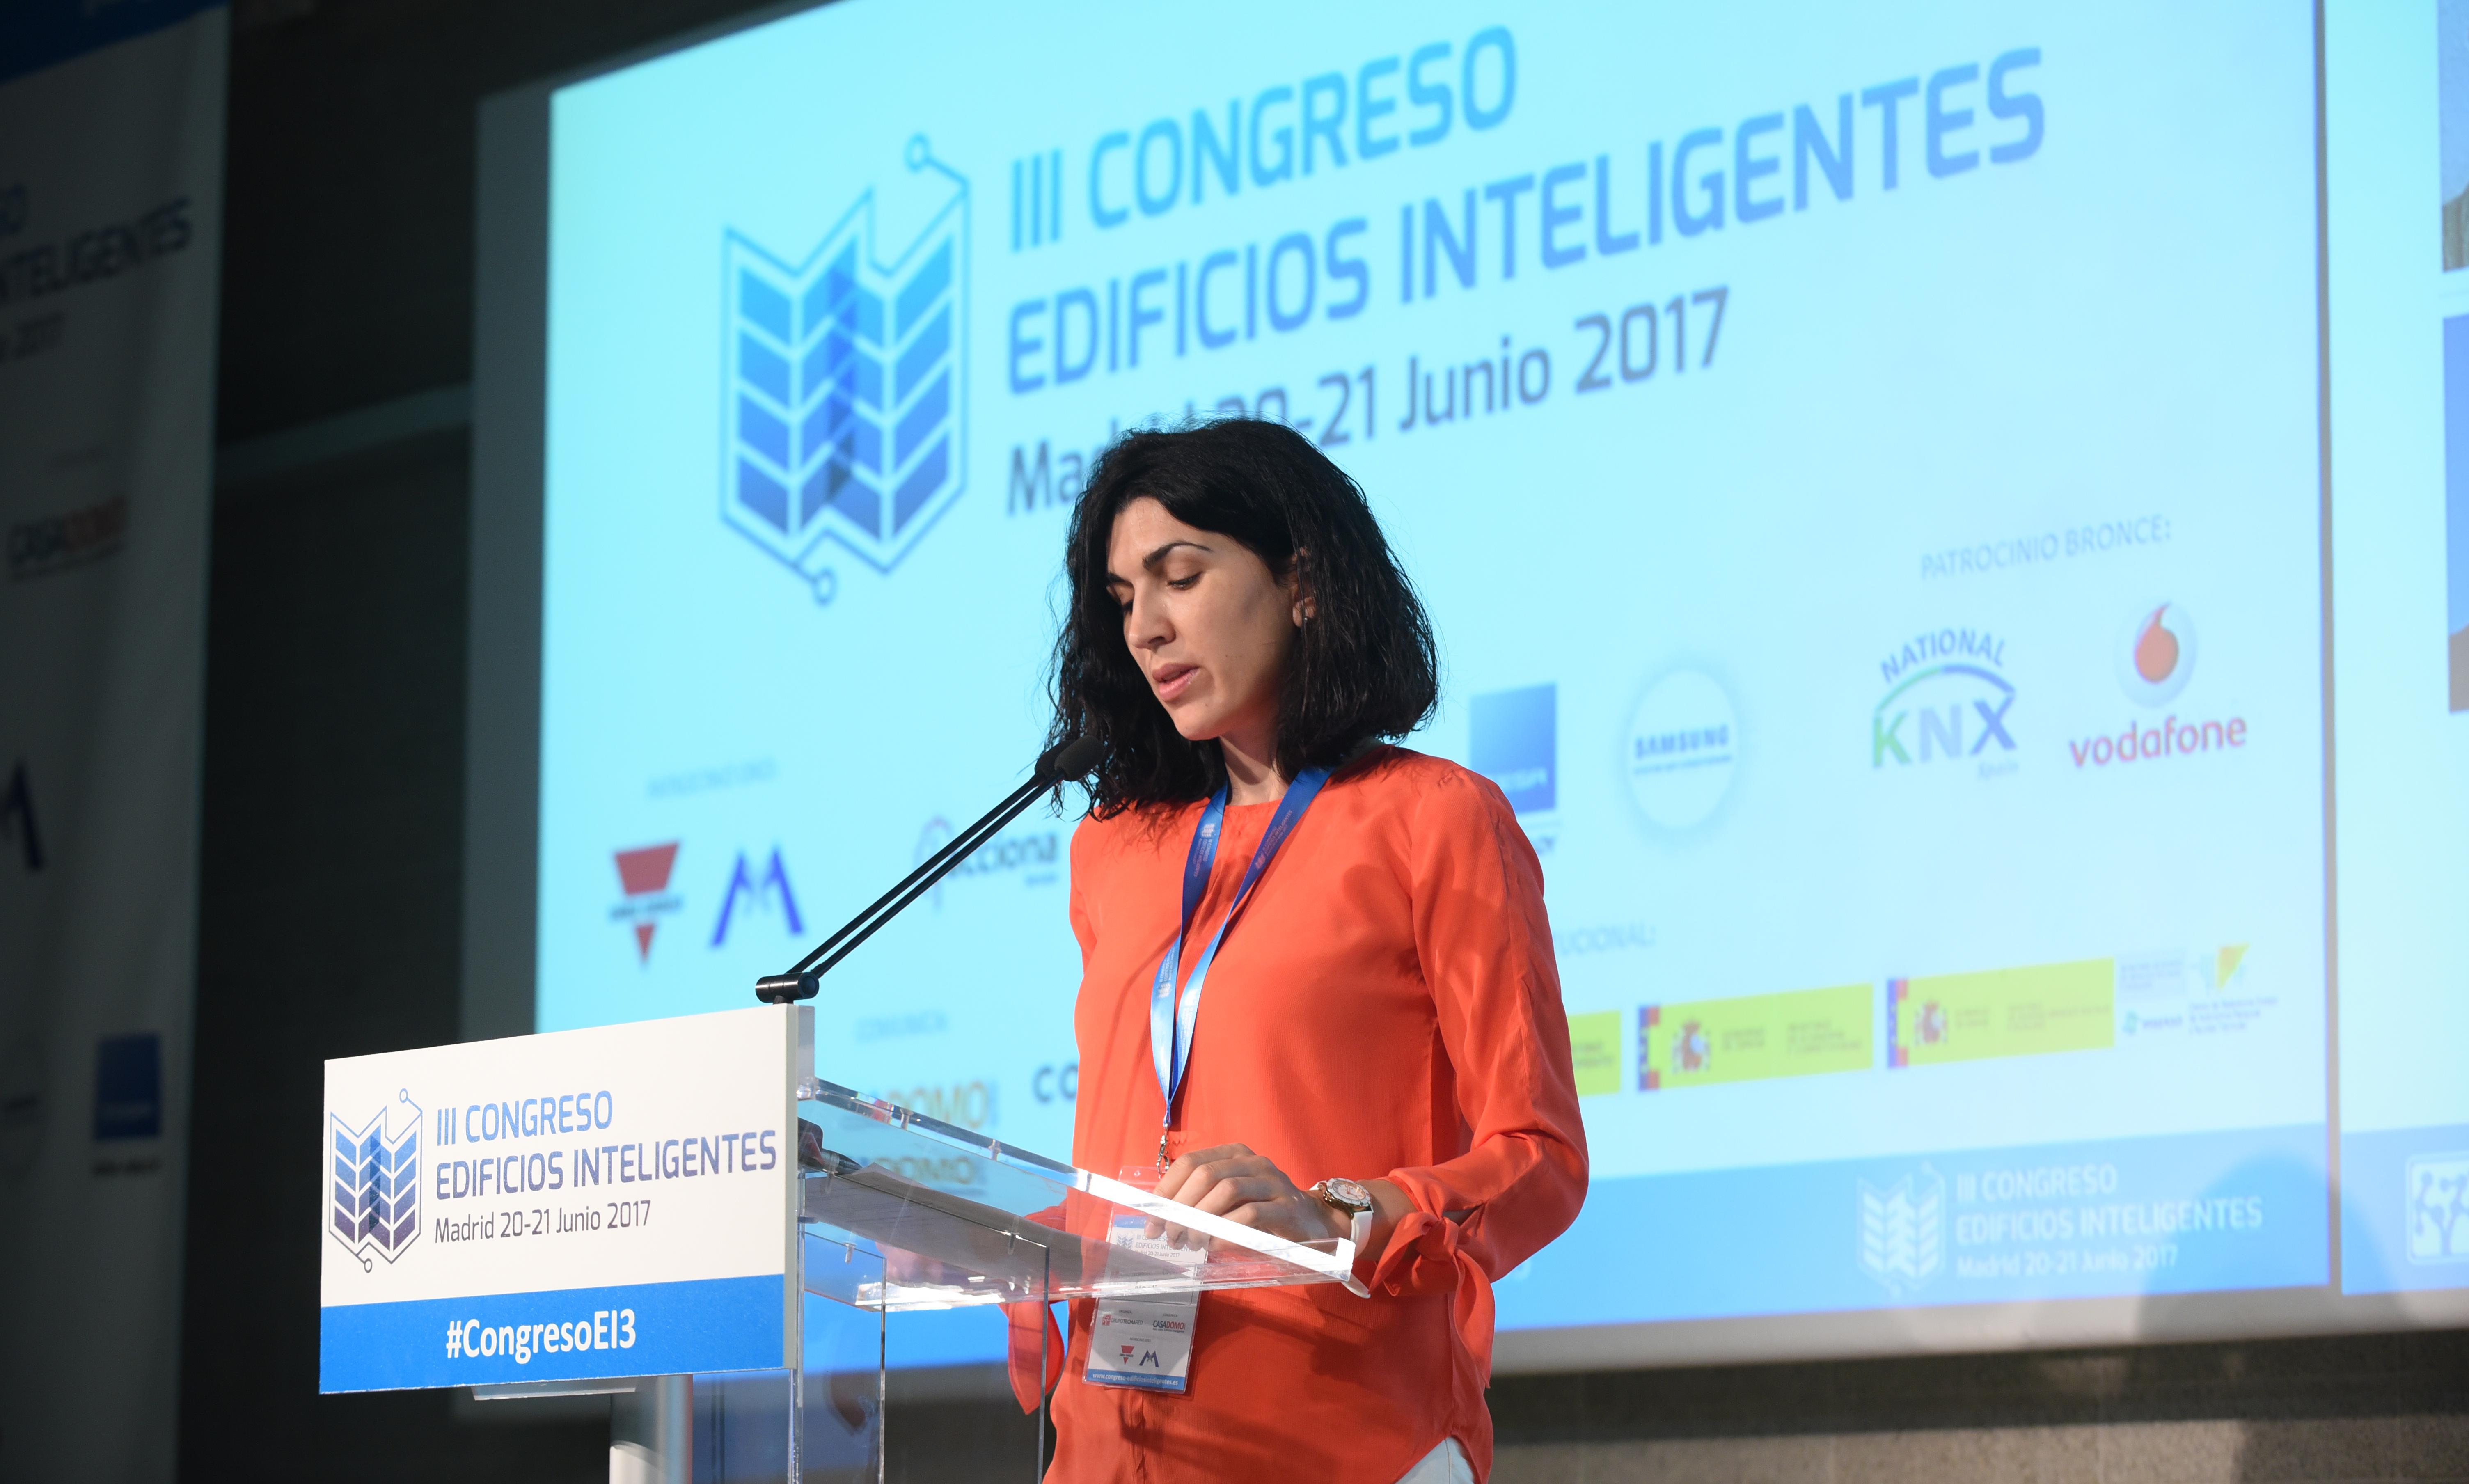 3-congreso-edificios-inteligentes